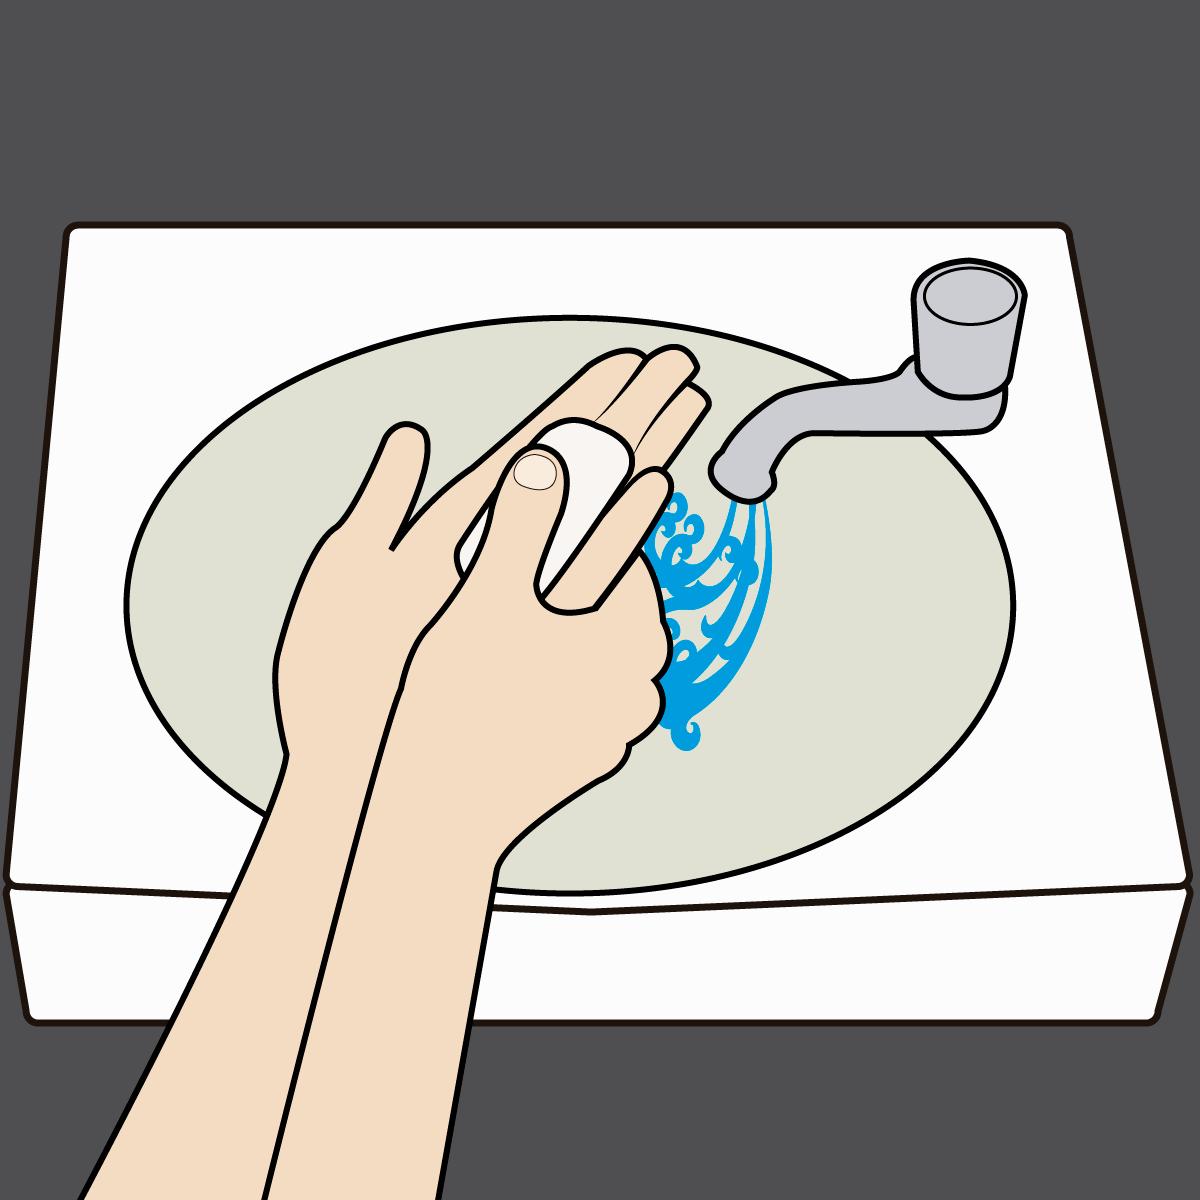 1-lavar-manos